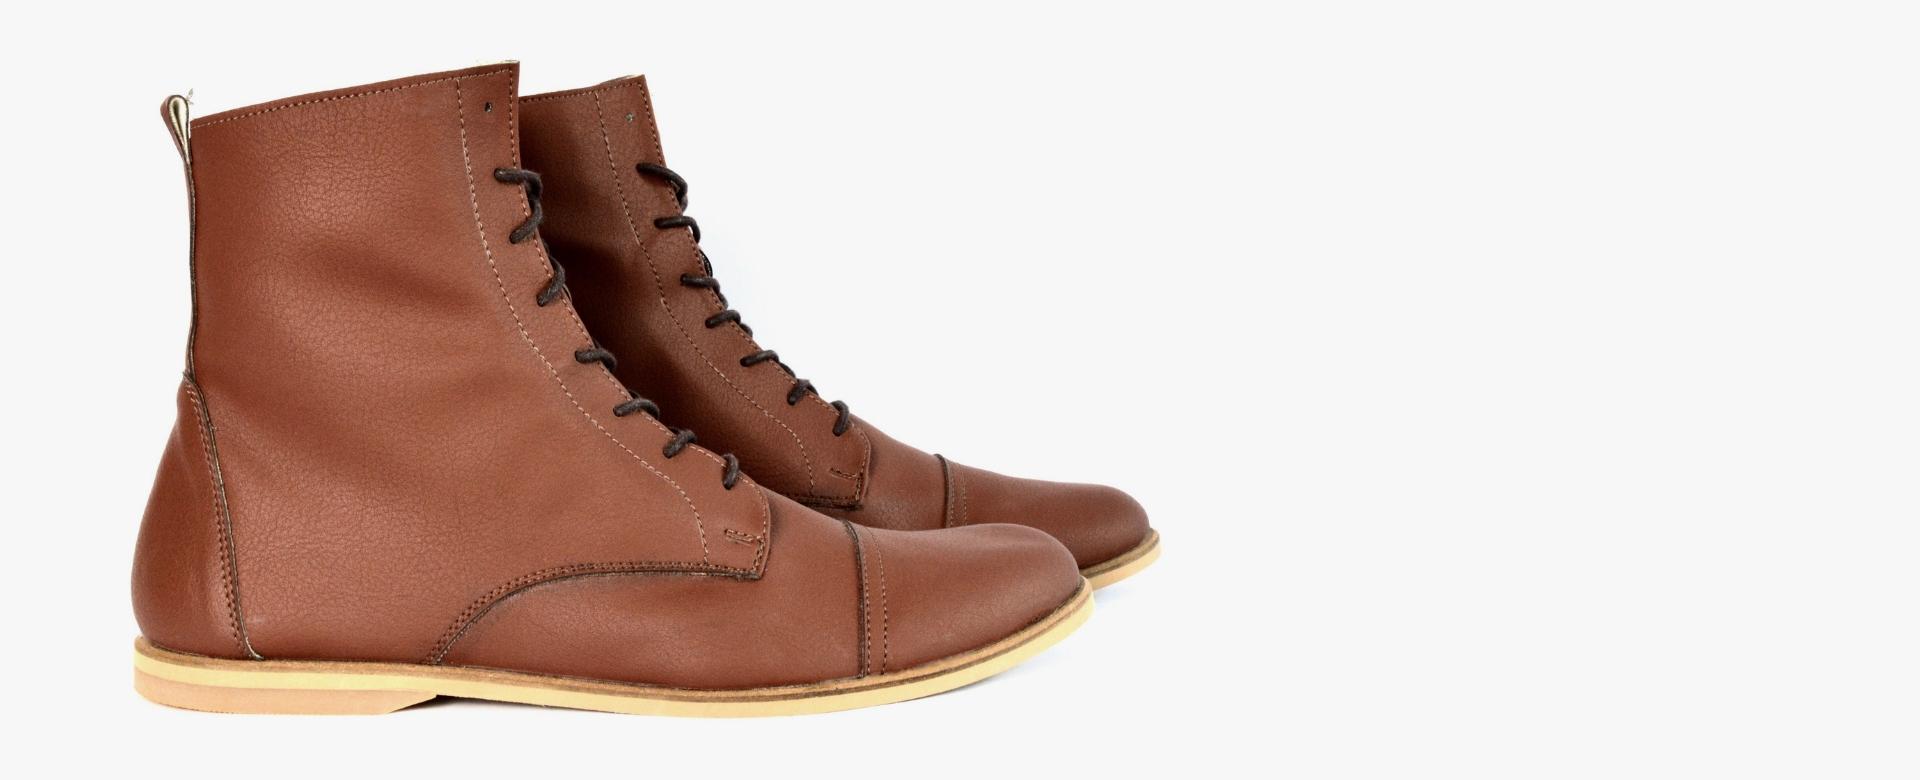 Vegane Schuhe und vegane Stiefel